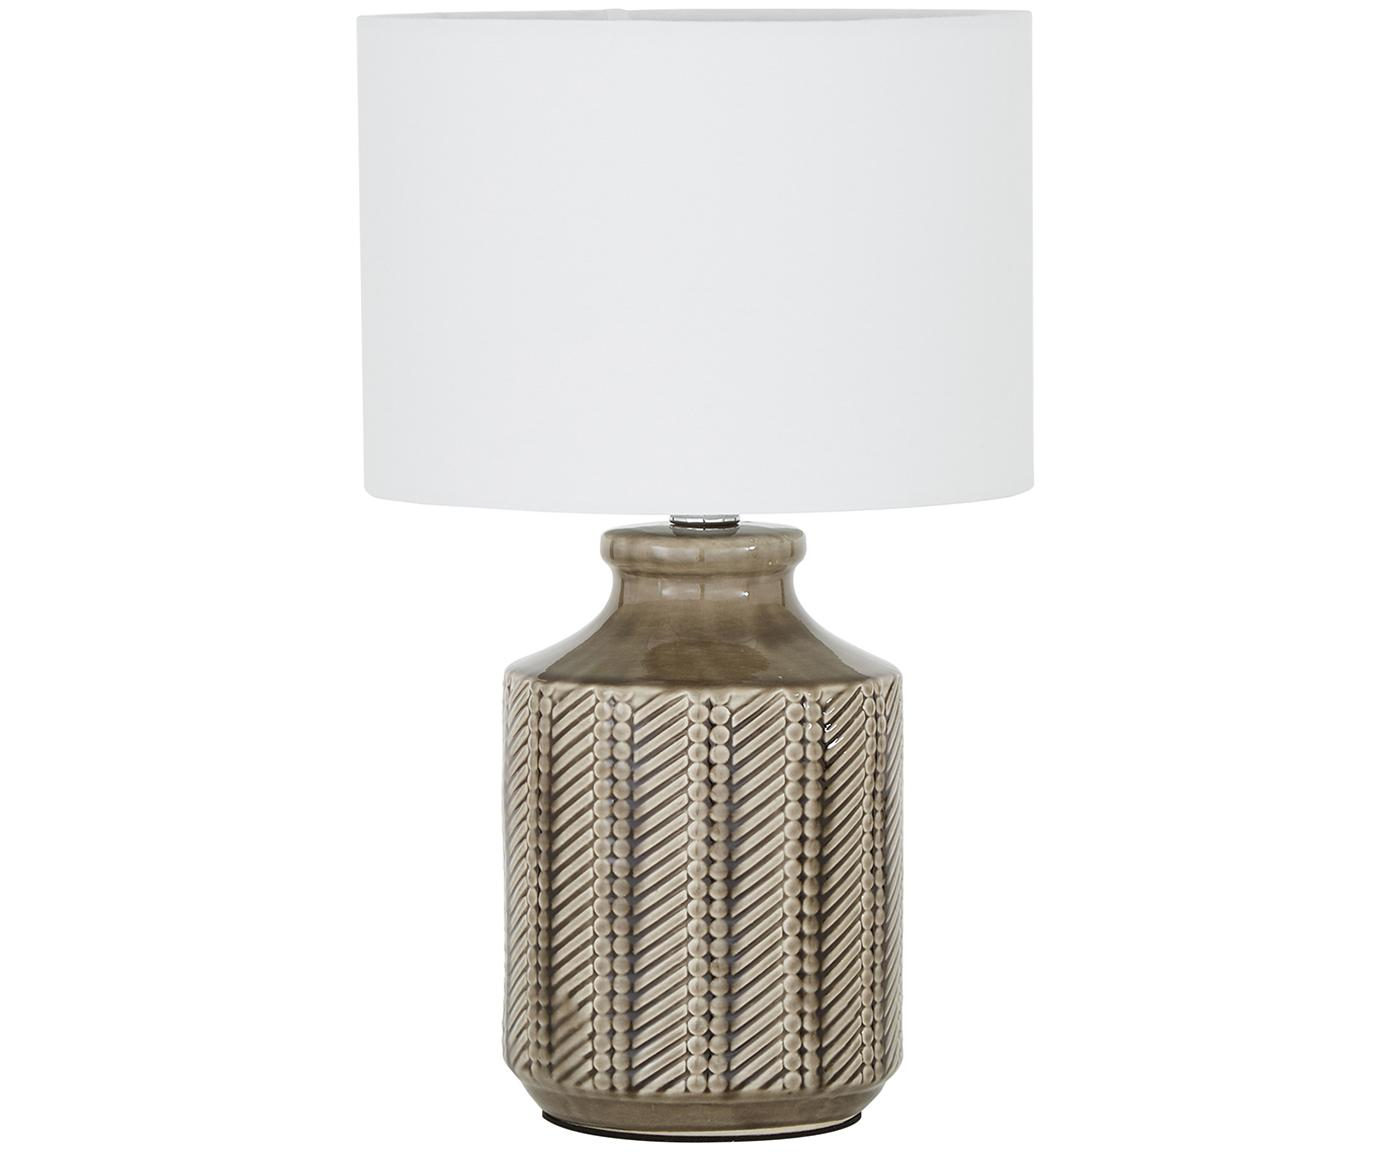 Keramik-Tischleuchte Nia, Lampenschirm: Textil, Lampenfuß: Keramik, Metall, vernicke, Lampenschirm: WeißLampenfuß: Braun, Nickel, Ø 26 x H 43 cm